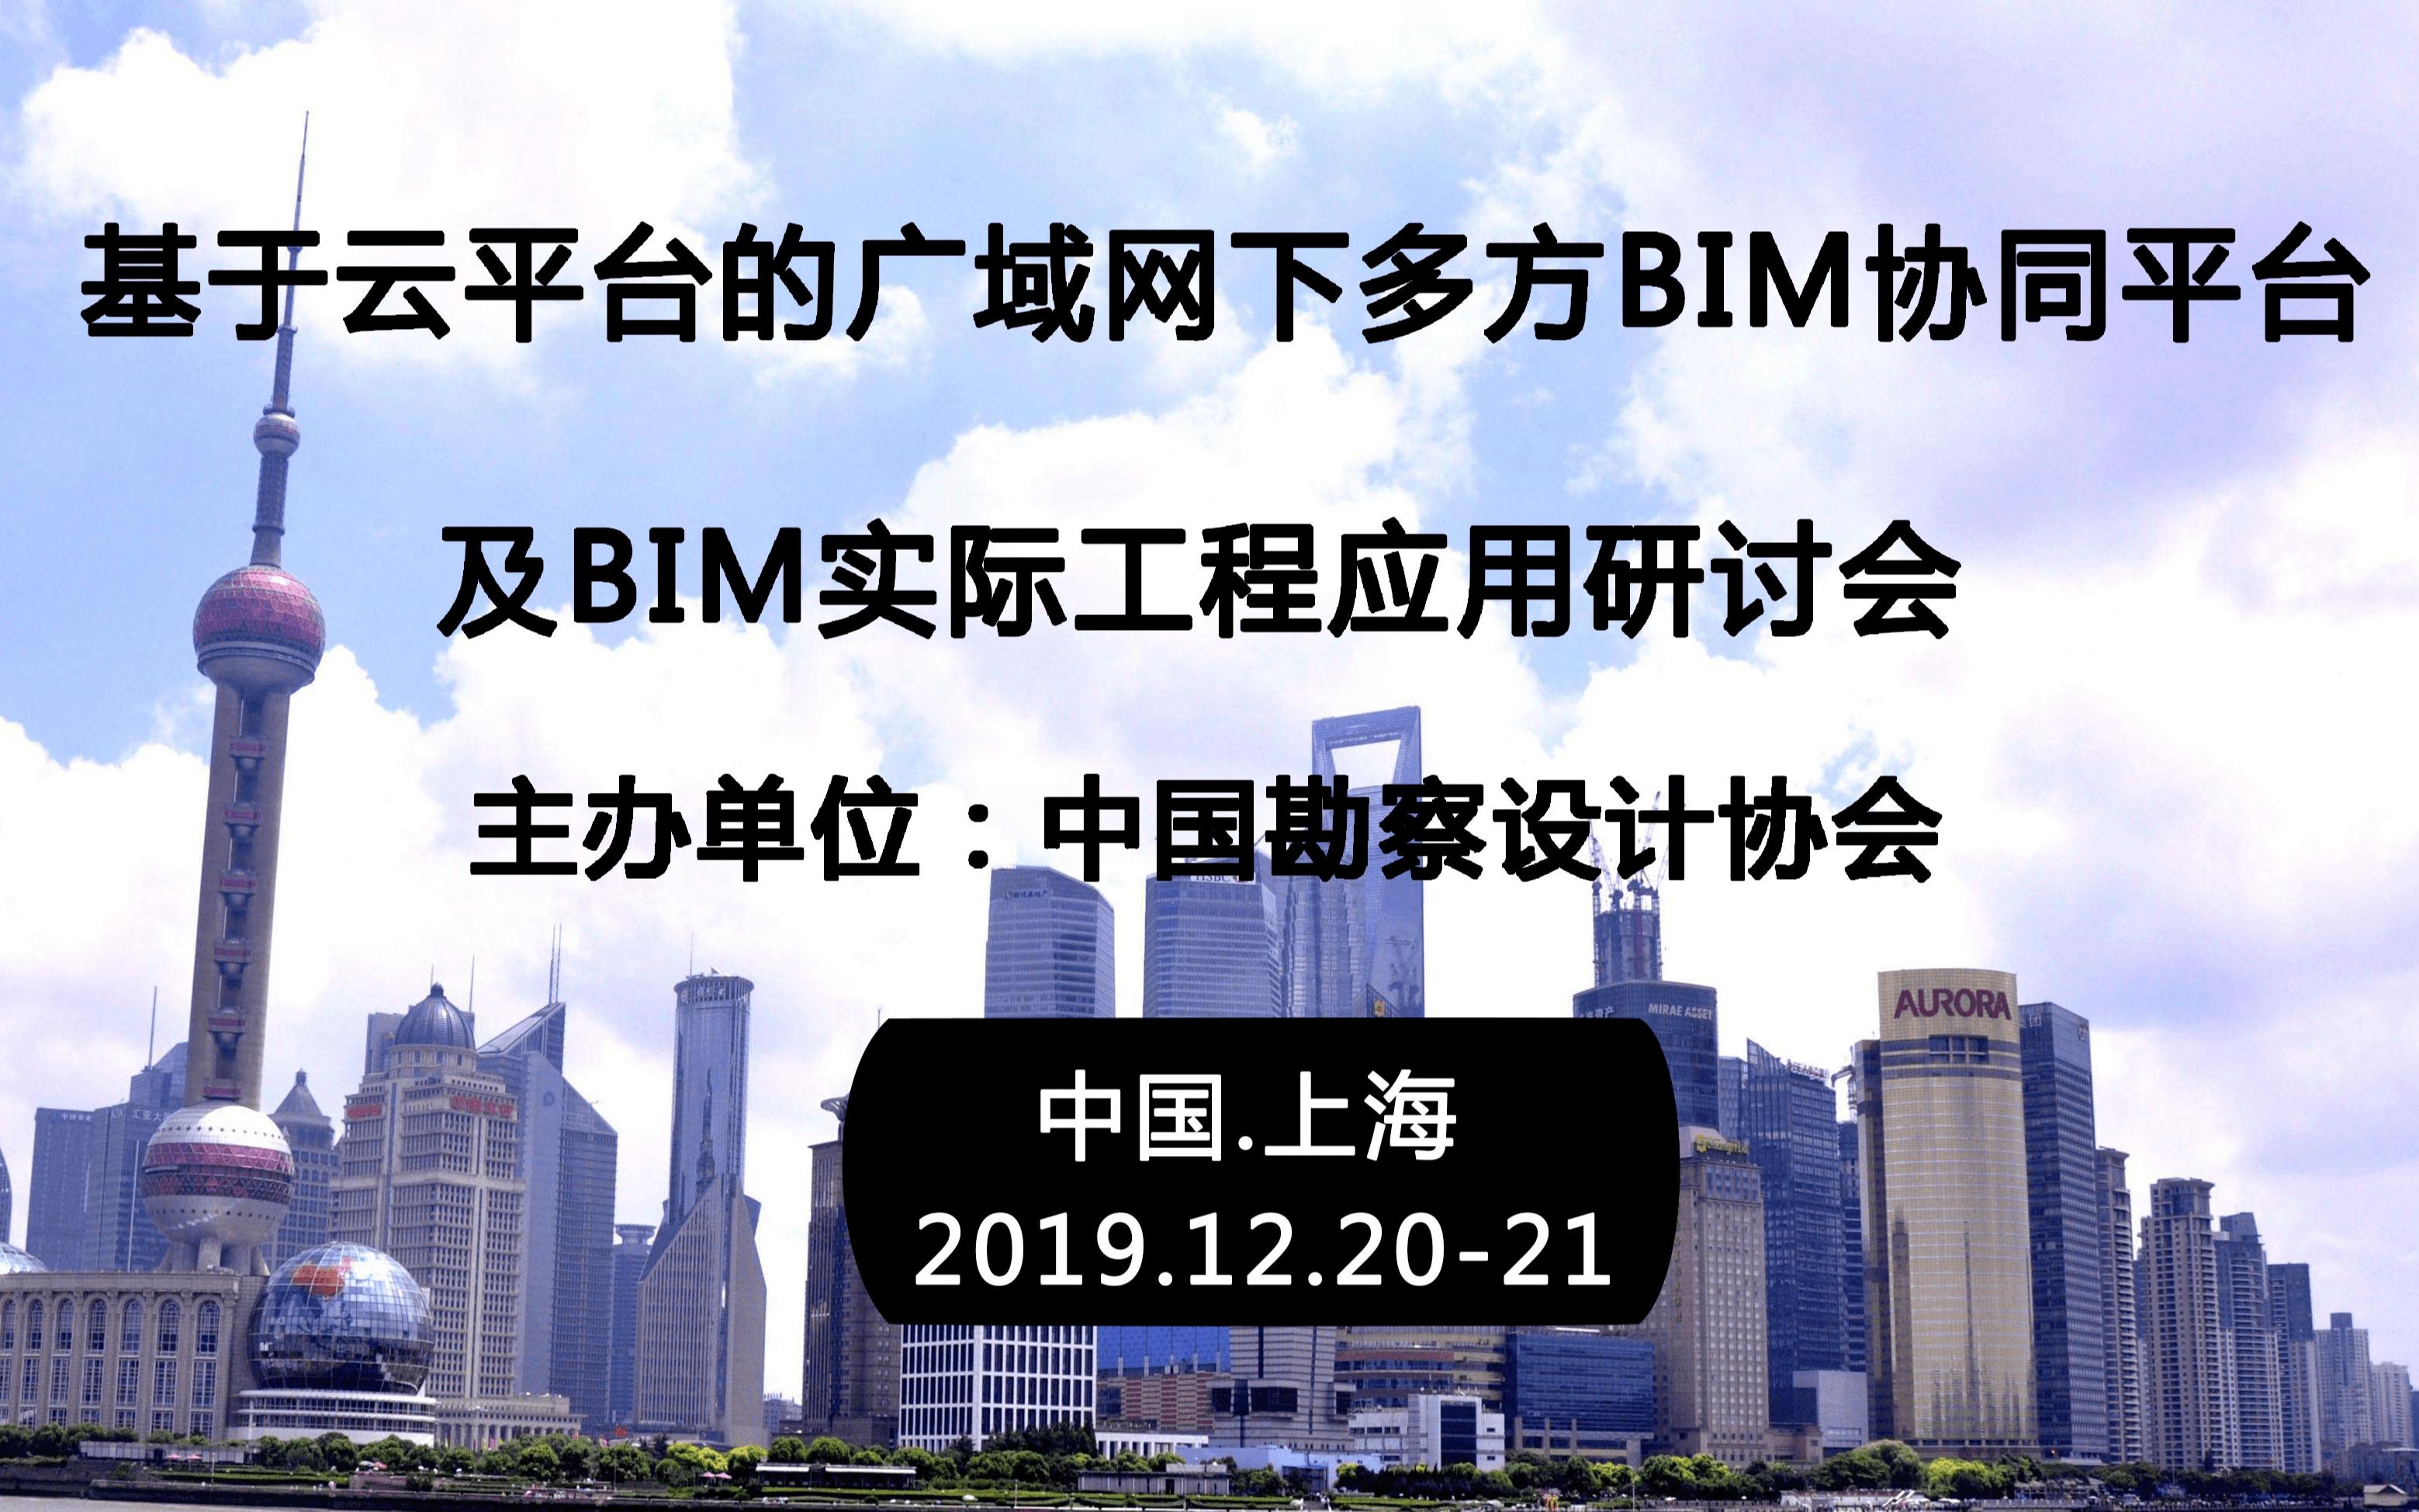 2019基于云平台的广域网下多方BIM协同平台及BIM实际工程应用研讨会